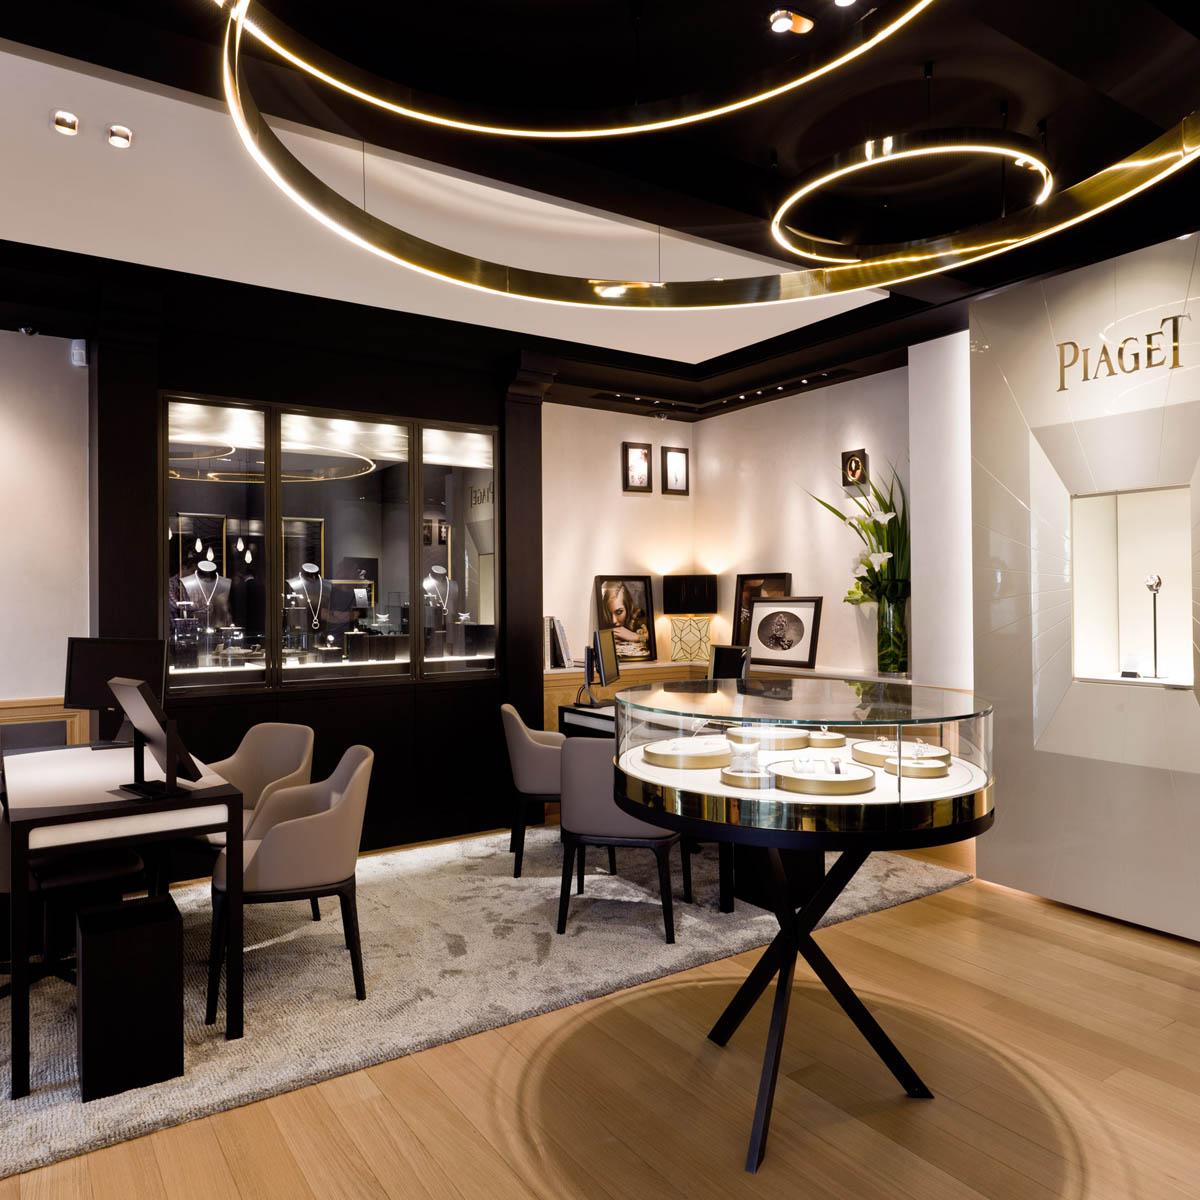 La Cote des Montres : Photo - Piaget Vendome réouvre dans un nouvel écrin architectural